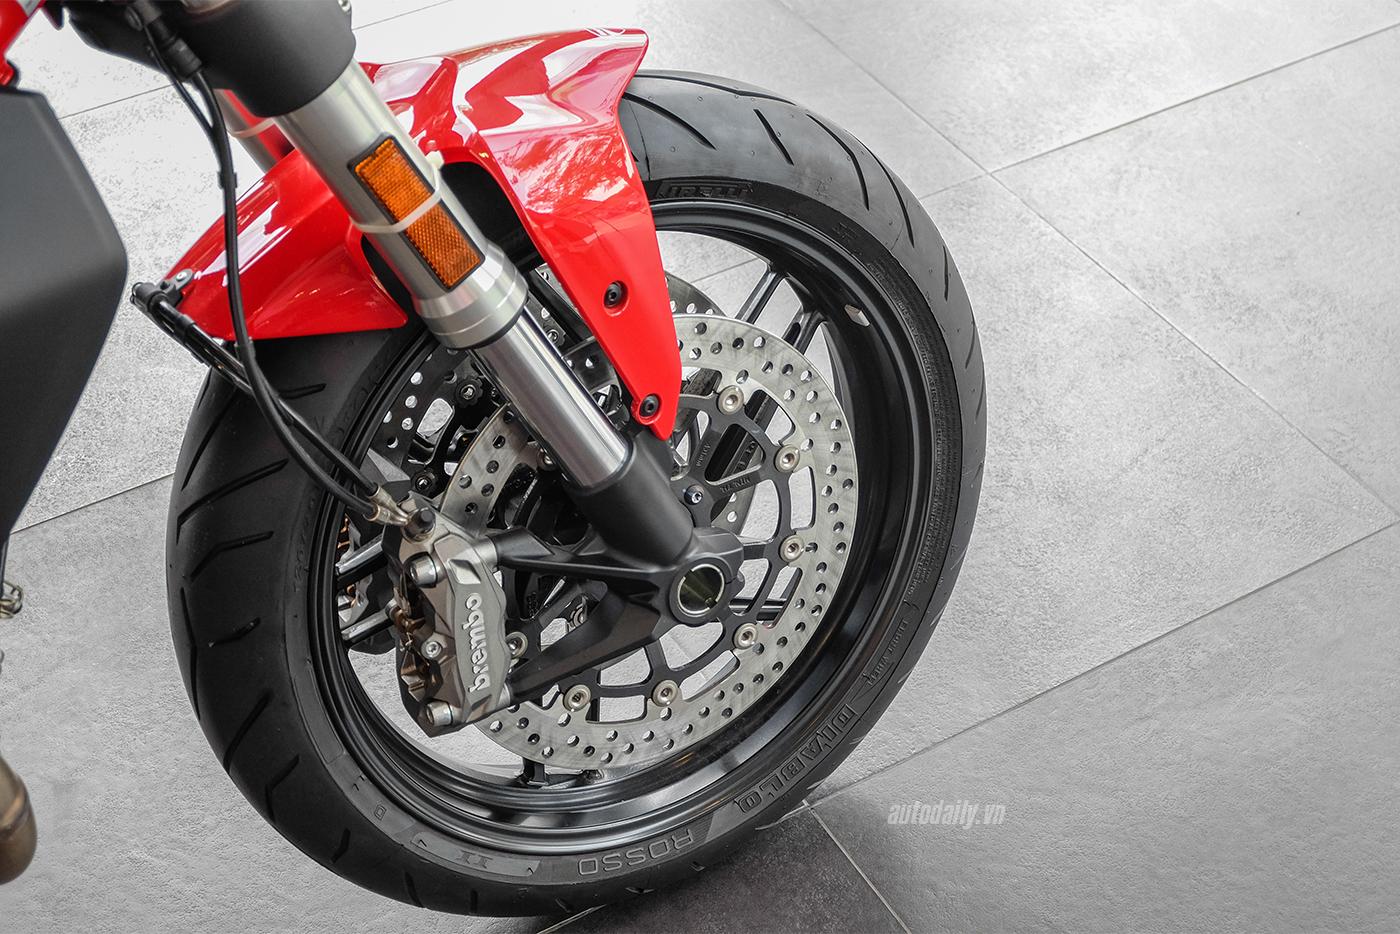 ducati-monster-797-7.jpg